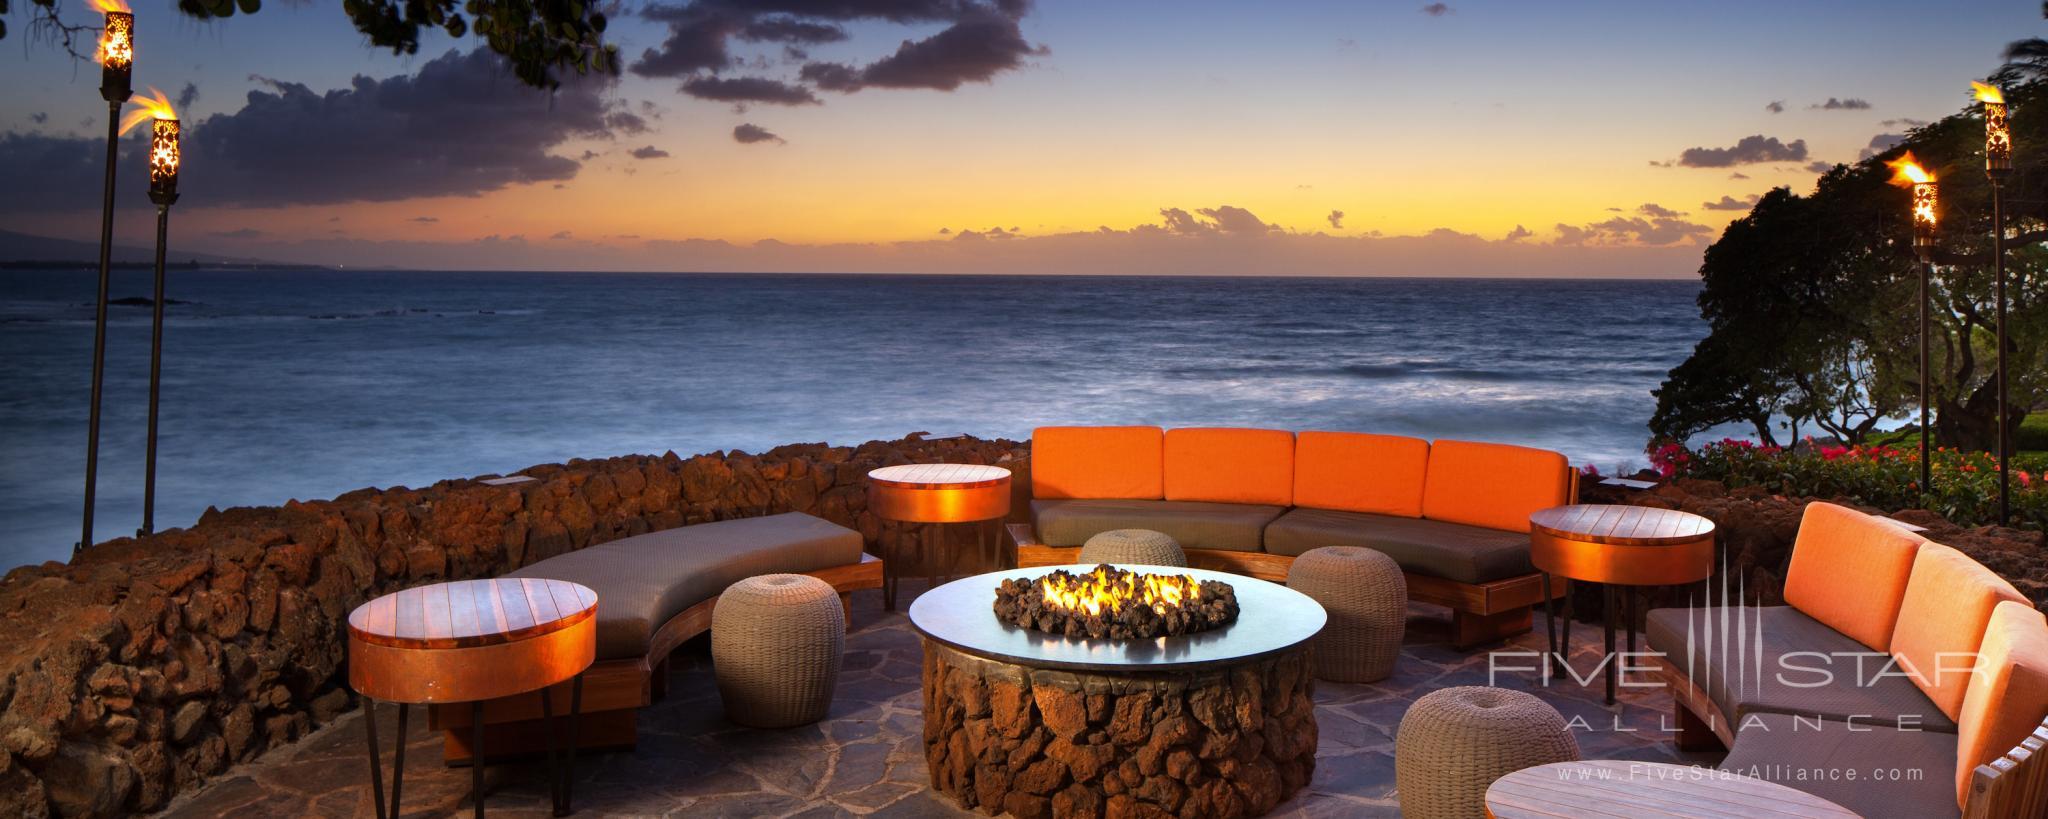 Sunset at Mauna Kea Beach Hotel